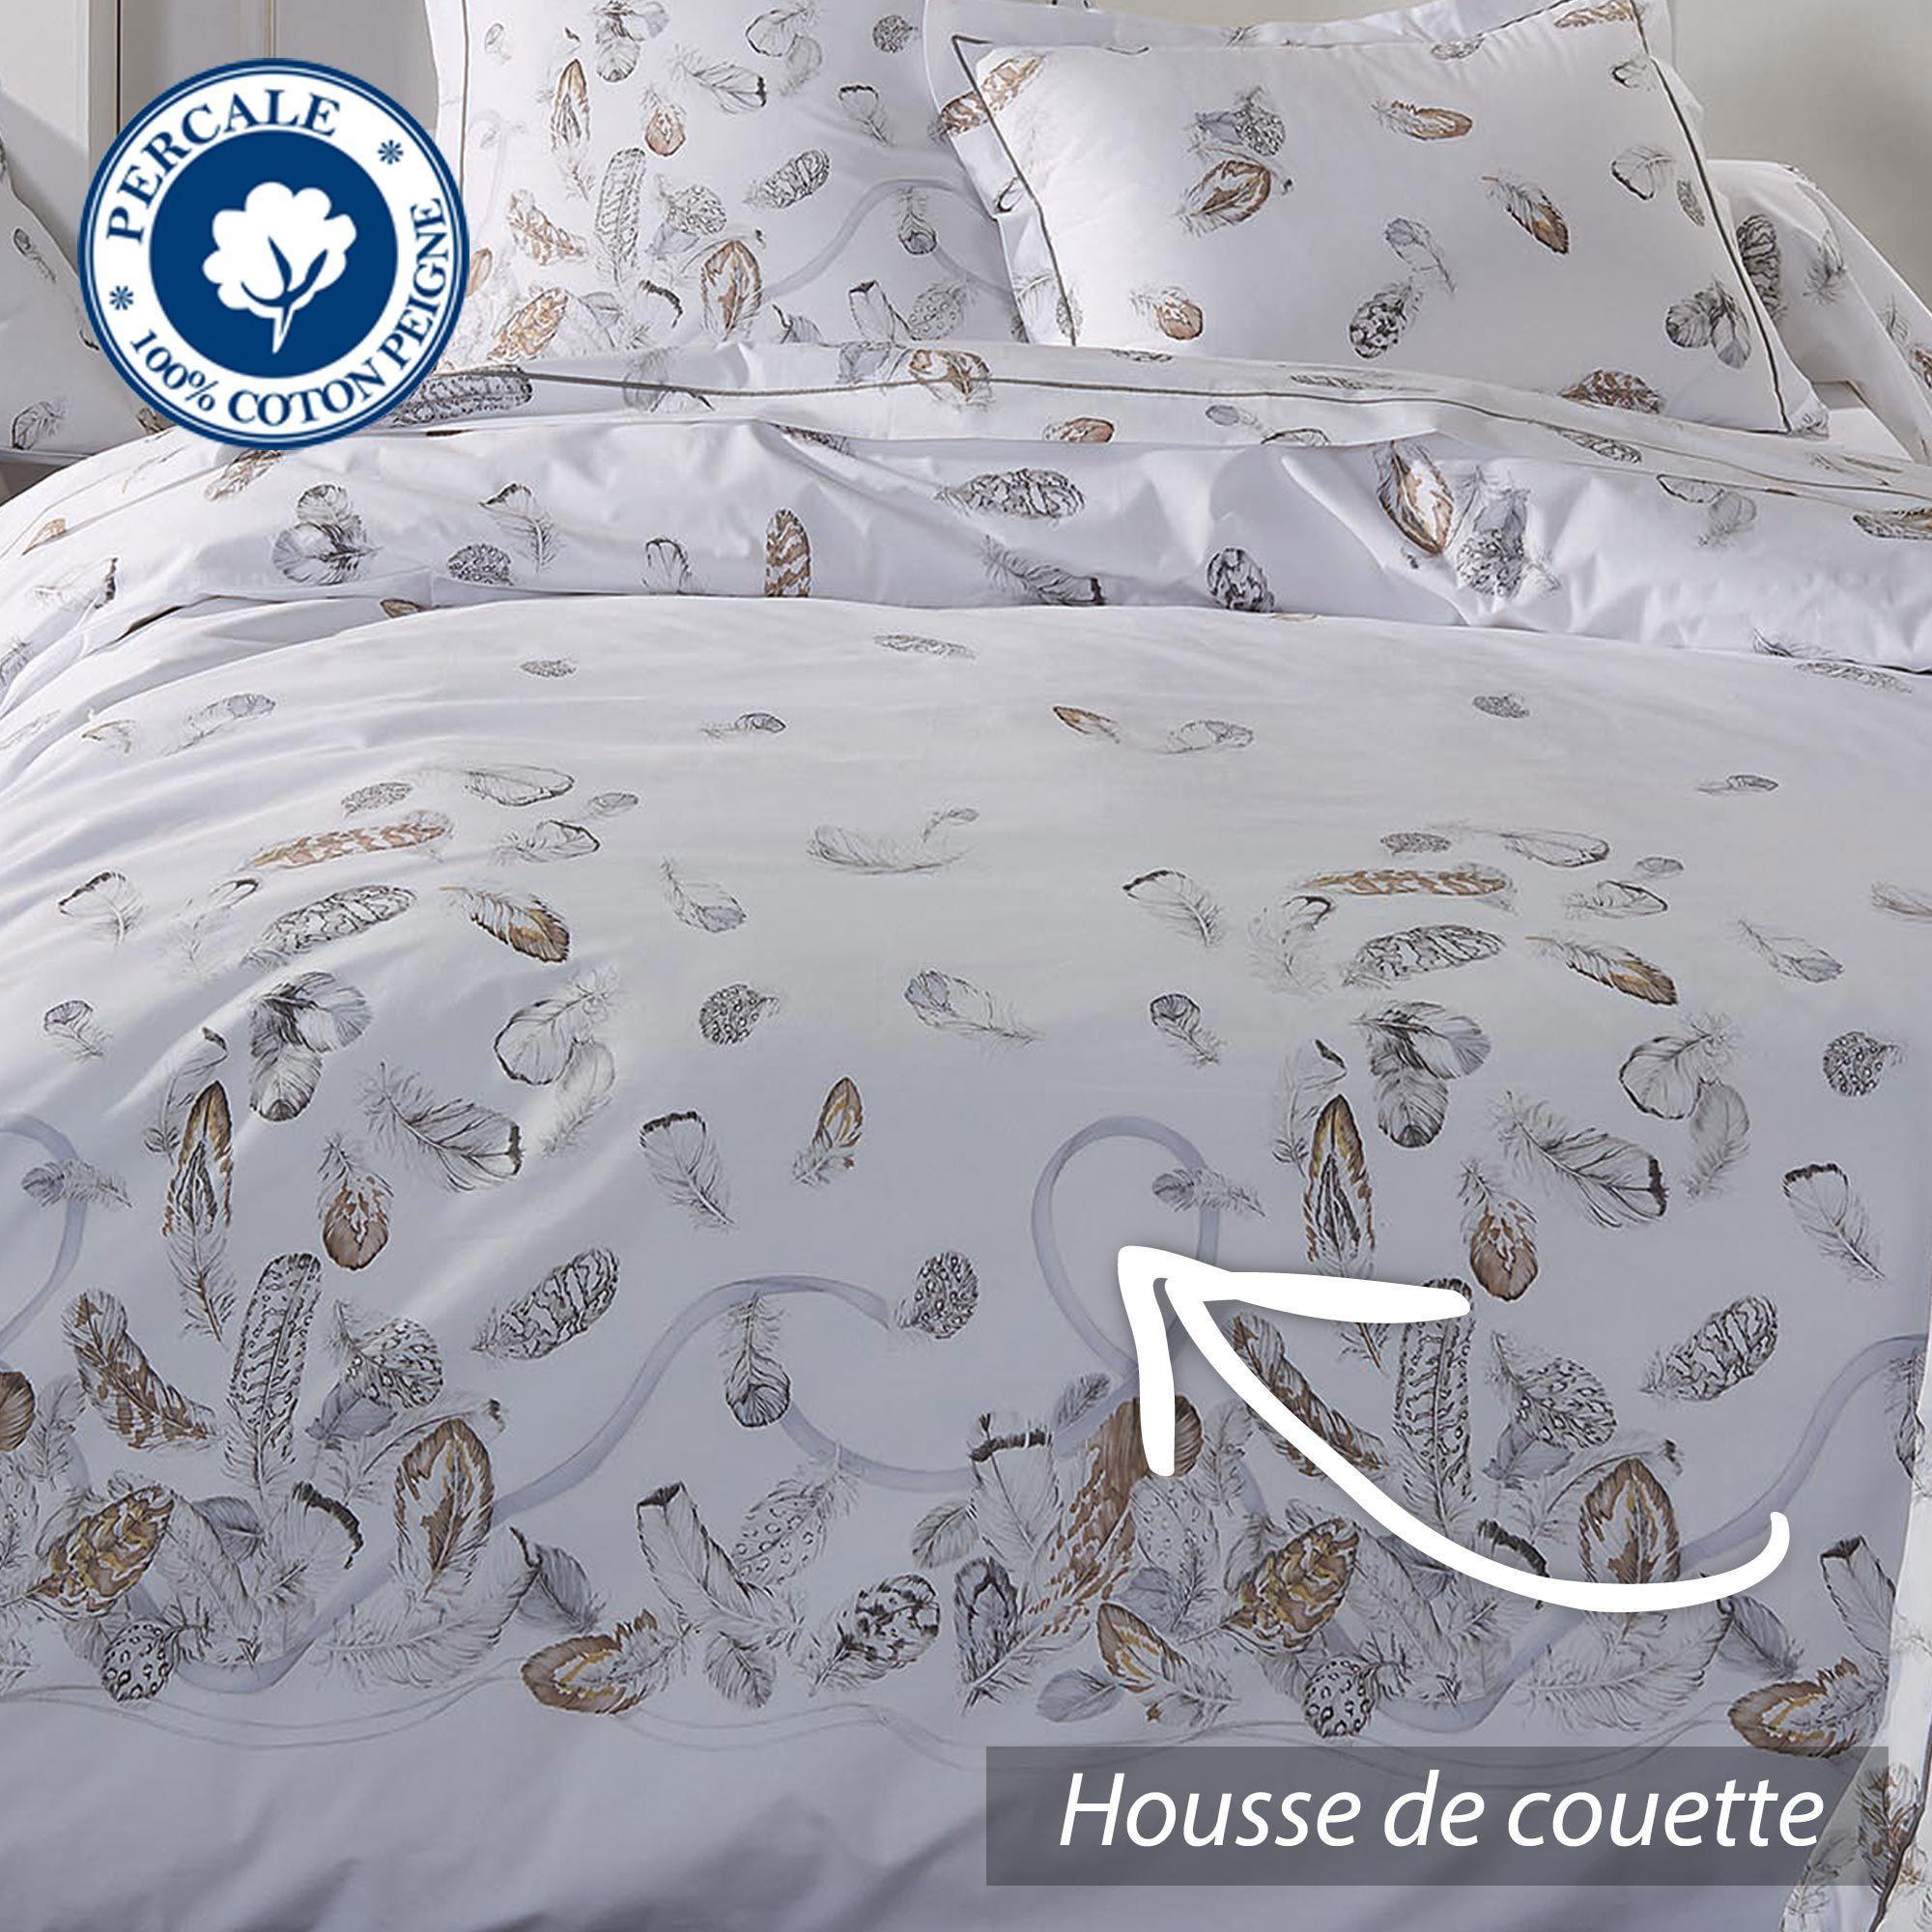 parure de lit percale pur coton peign 260x240 cm plumes linnea vente de linge de maison. Black Bedroom Furniture Sets. Home Design Ideas